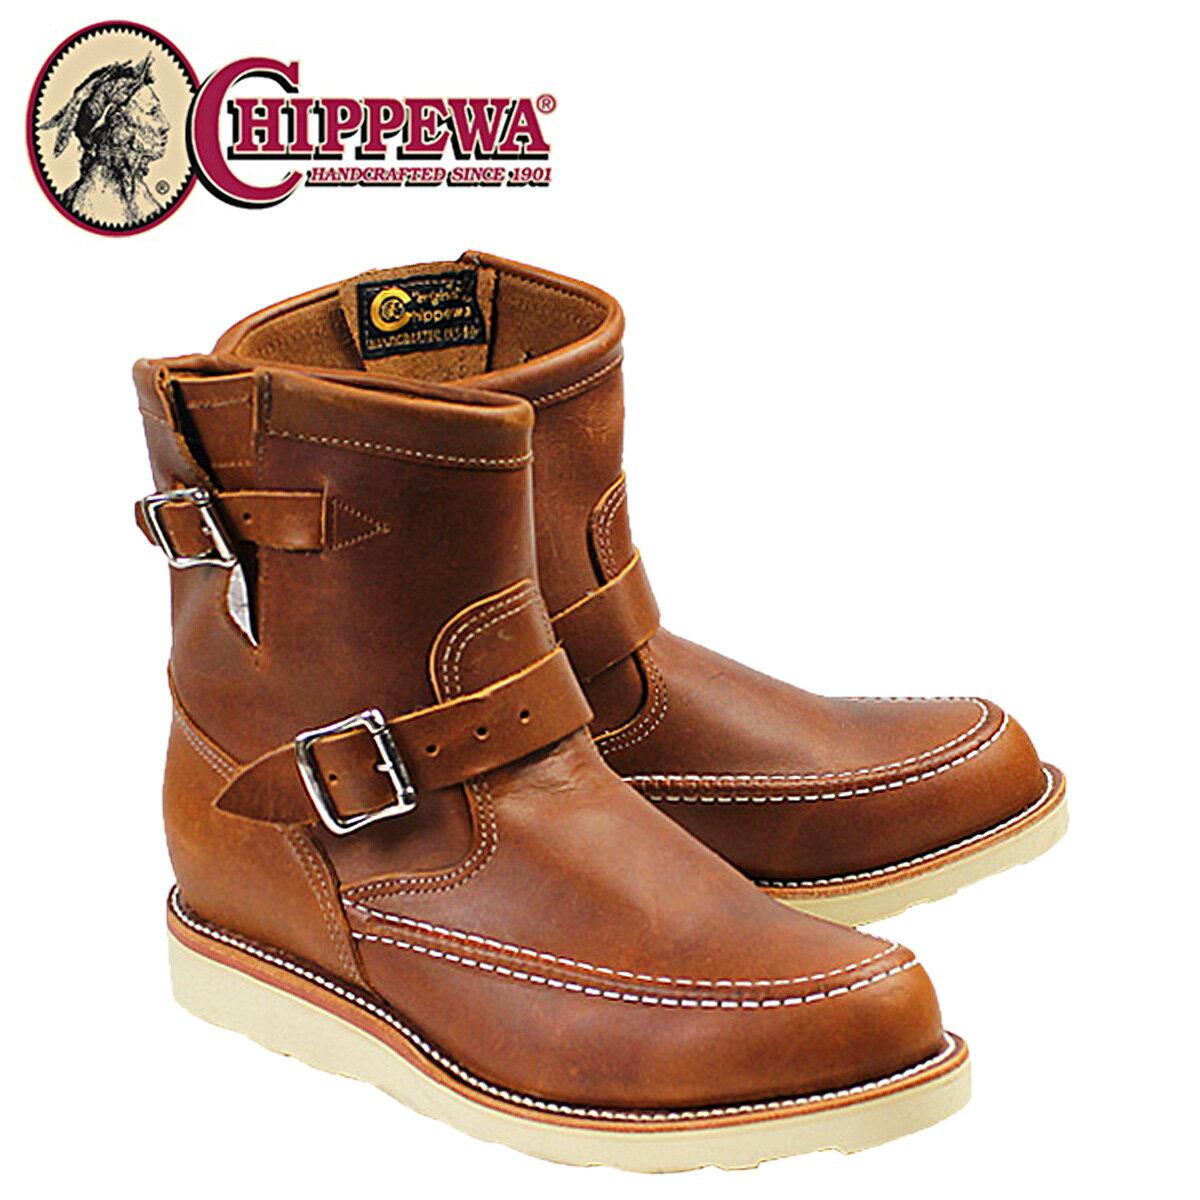 CHIPPEWA チペワ 7INCH RENEGADE HIGHLANDER ブーツ 7インチ レネゲード ハイランダー 1901M08 Eワイズ タン メンズ [12/15 再入荷]